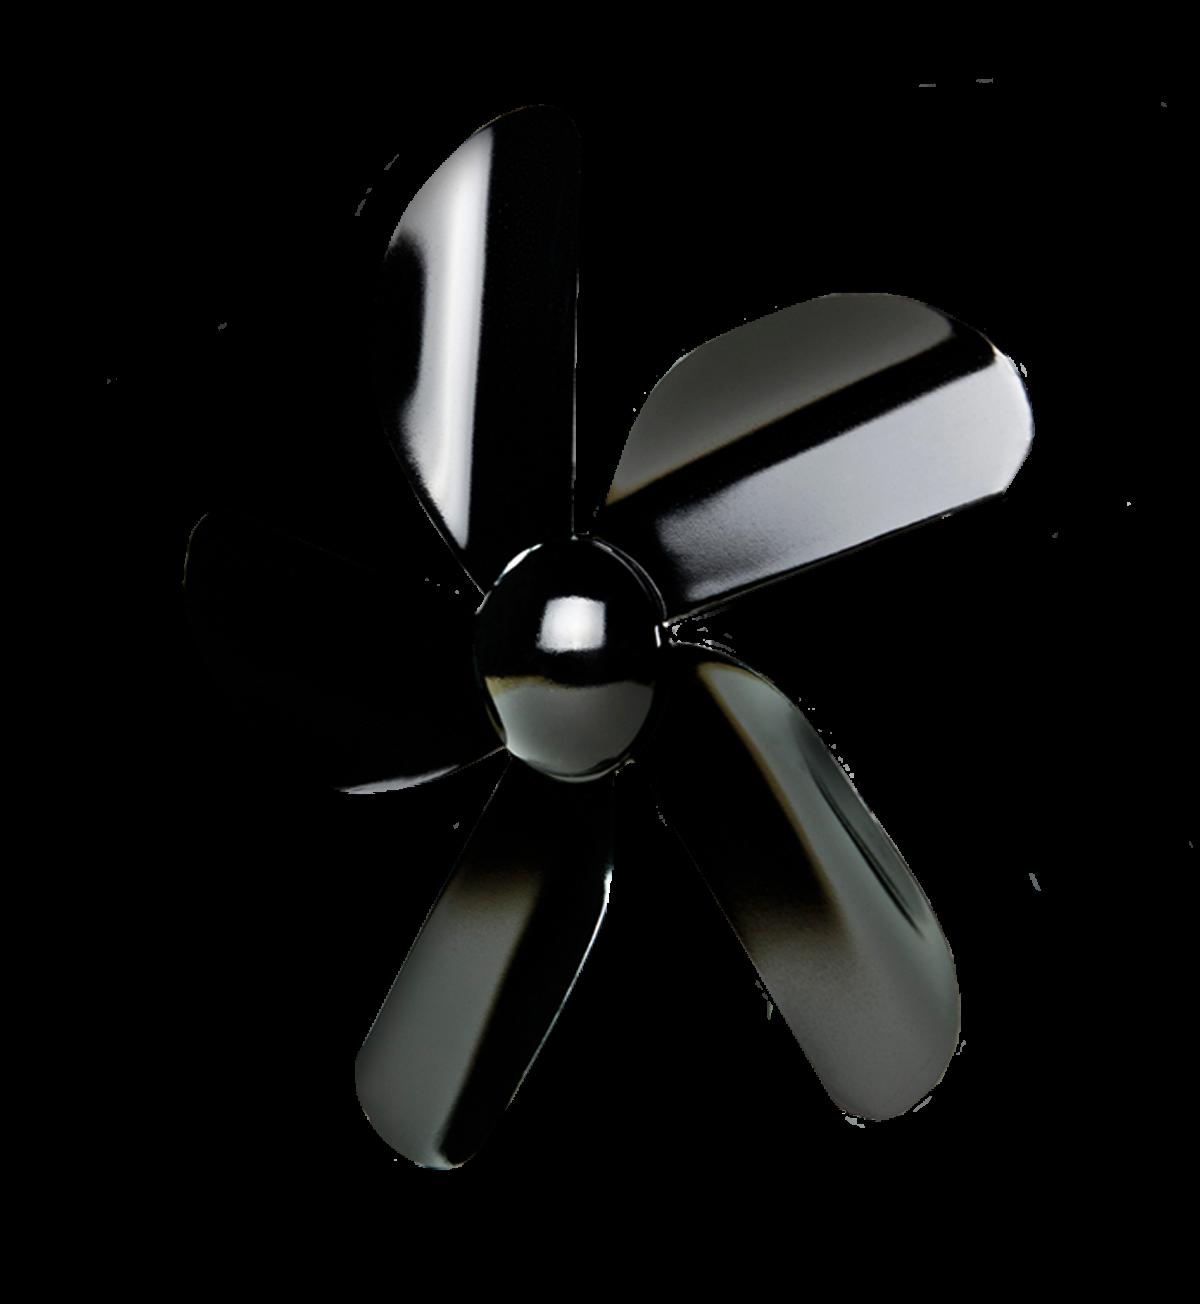 Fan Blade Clip Art : Fan blade png imgkid the image kid has it